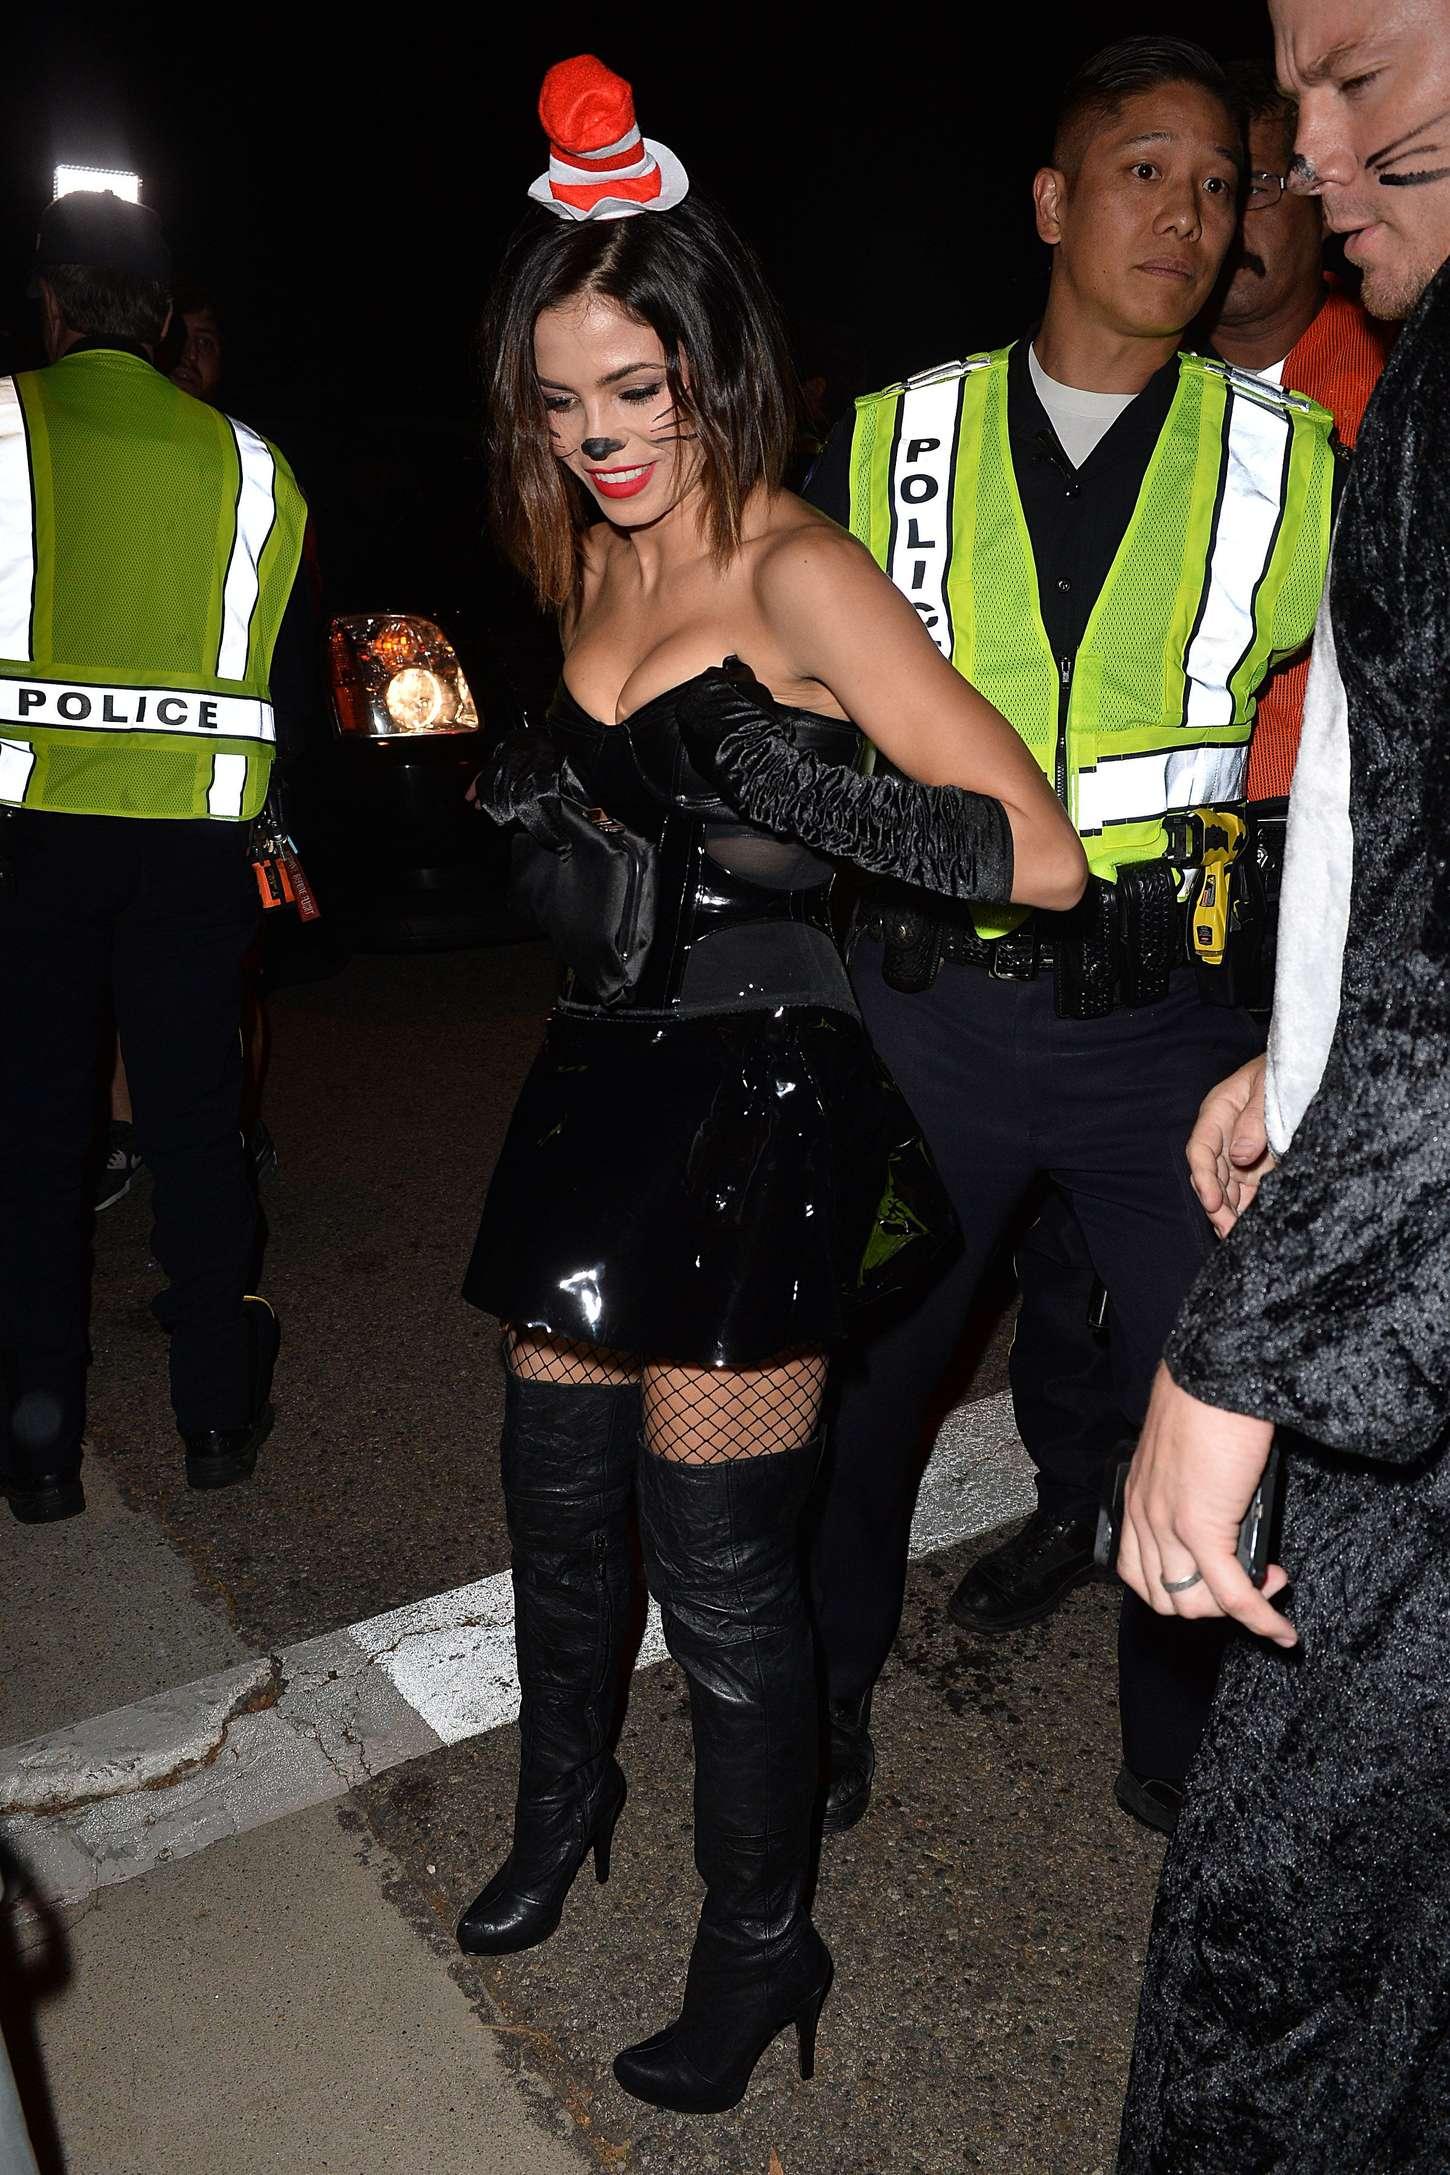 Jenna Dewan Tatum 2015 : Jenna Dewan Tatum: Casa Tequila Halloween Party -26